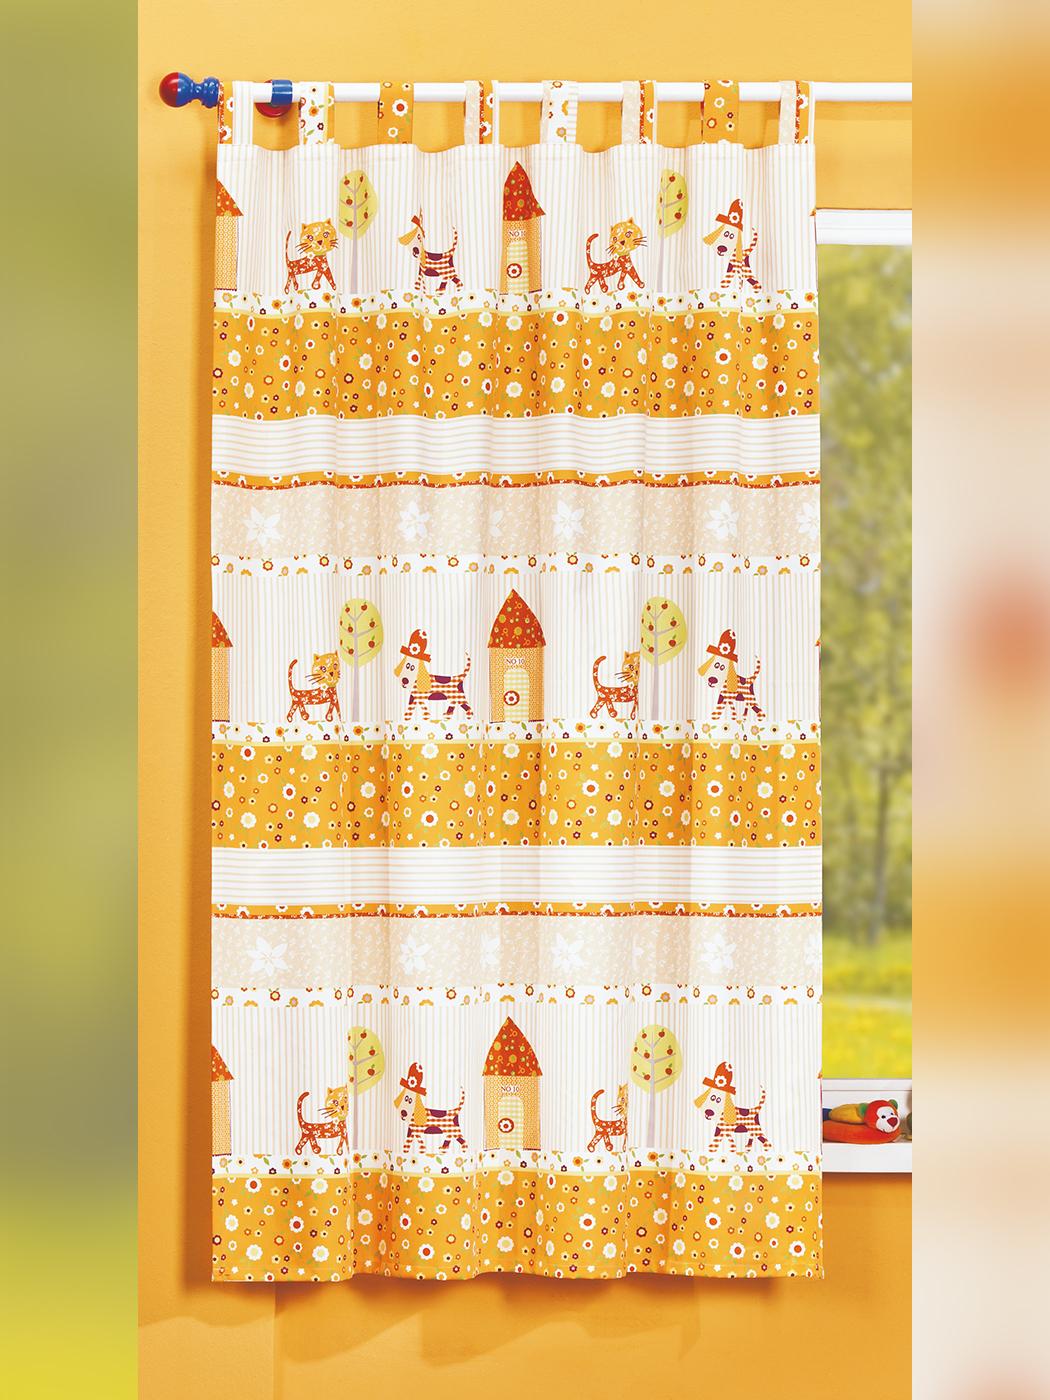 Full Size of Kinderzimmer Vorhang Kindervorhang Mit Hund Katze Gardinen Outlet Küche Regal Wohnzimmer Regale Bad Sofa Weiß Kinderzimmer Kinderzimmer Vorhang